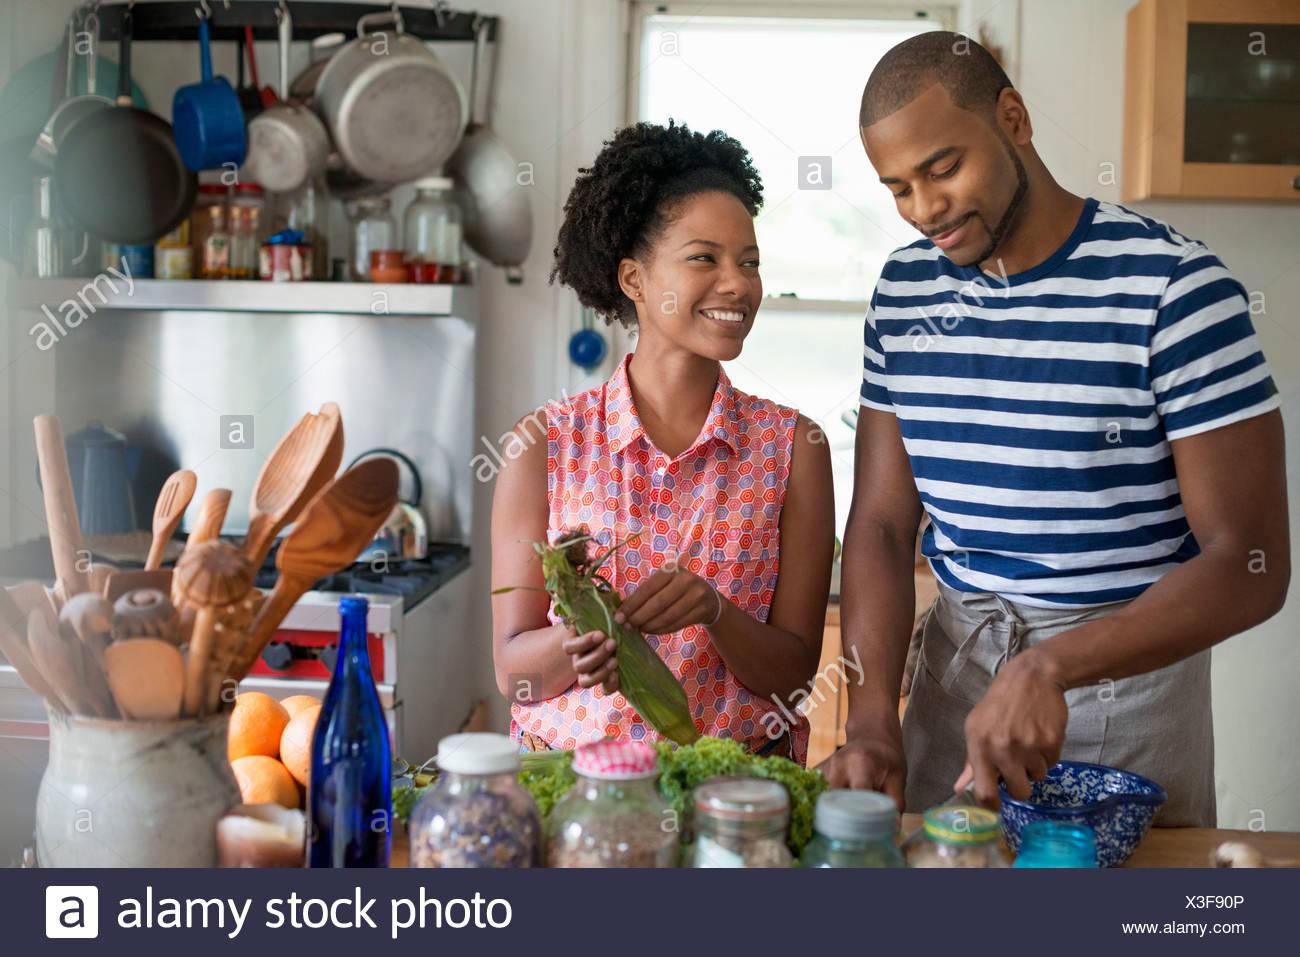 Lebensstil. Zwei Personen arbeiten in einer Landhausküche. Stockbild